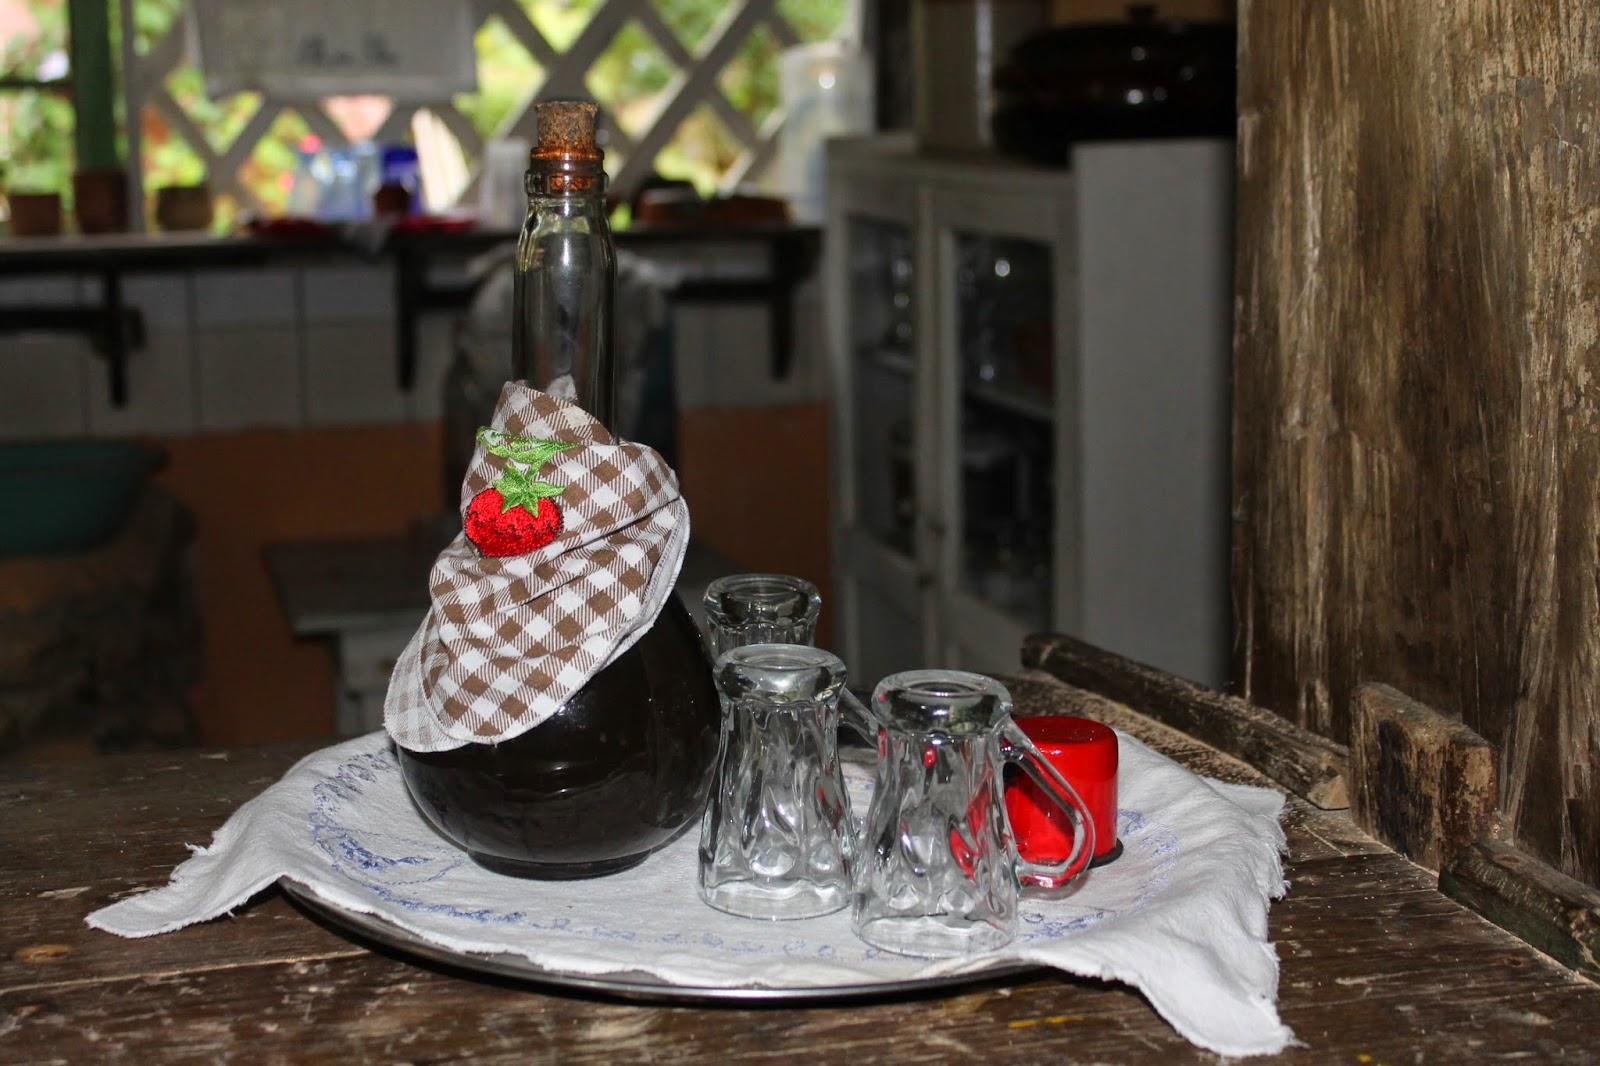 Consertada � uma bebida tipicamente Bombinense. Fonte: Engenho do Sert�o/Divulga��o.